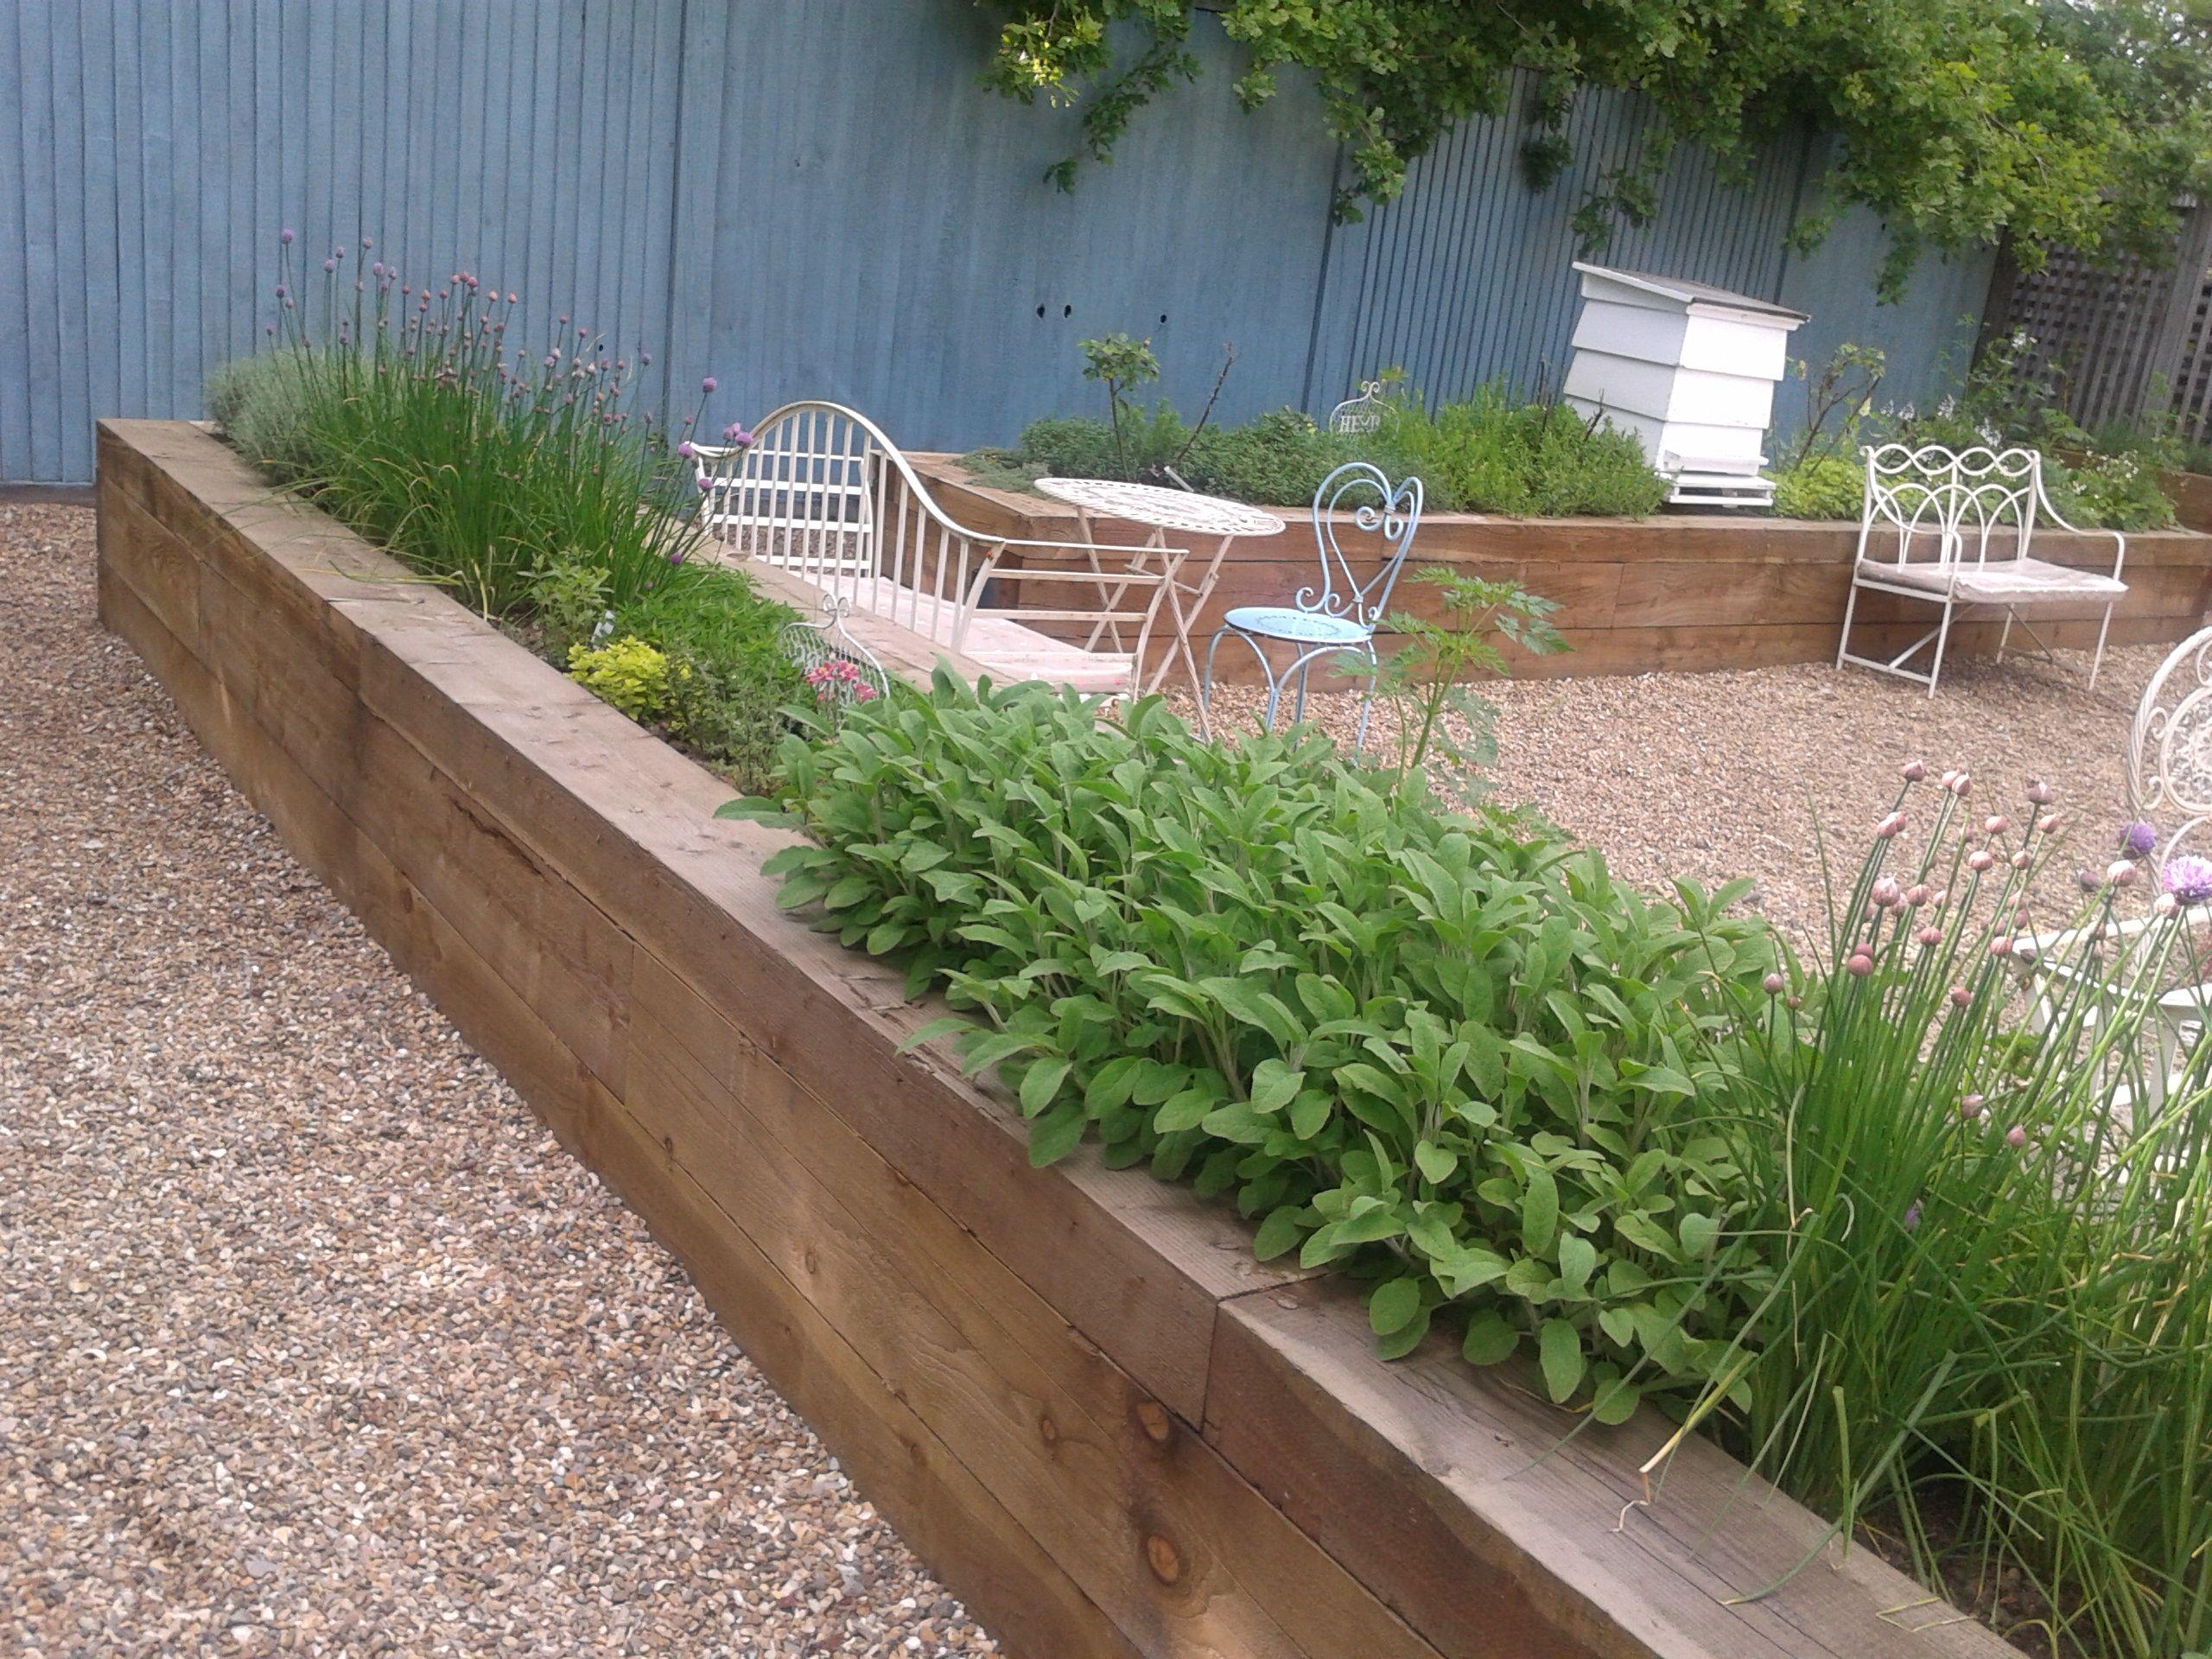 raised beds a kitchen garden with timber sleeper walls edible garden blue fence kitchen on kitchen garden id=83955